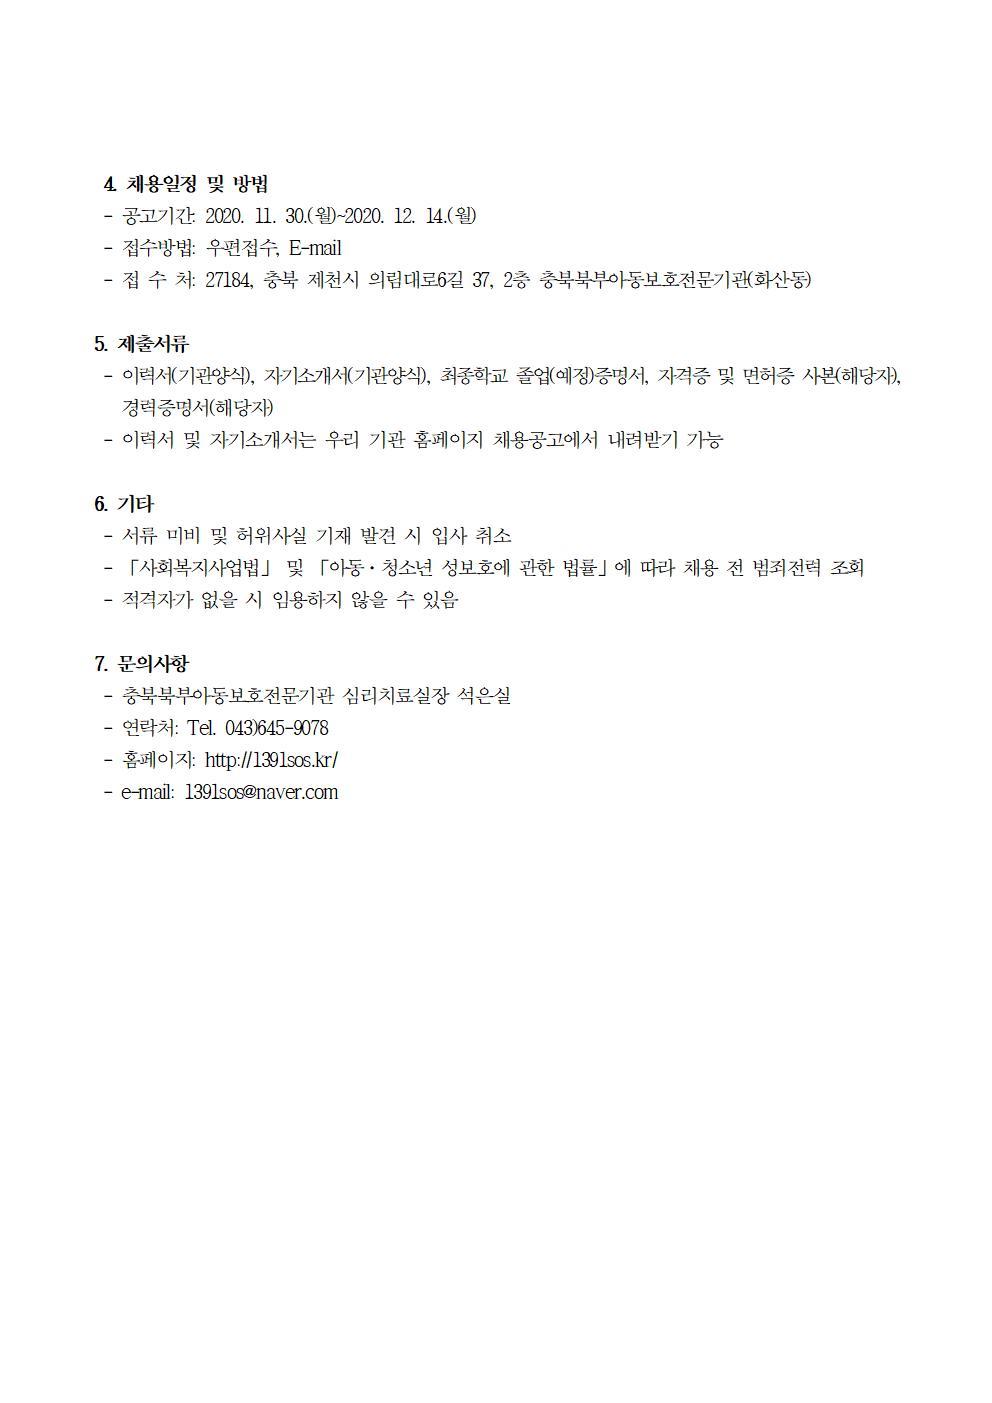 2020년 10월 충북북부아동보호전문기관  채용공고(임상심리치료 전문인력)002.jpg